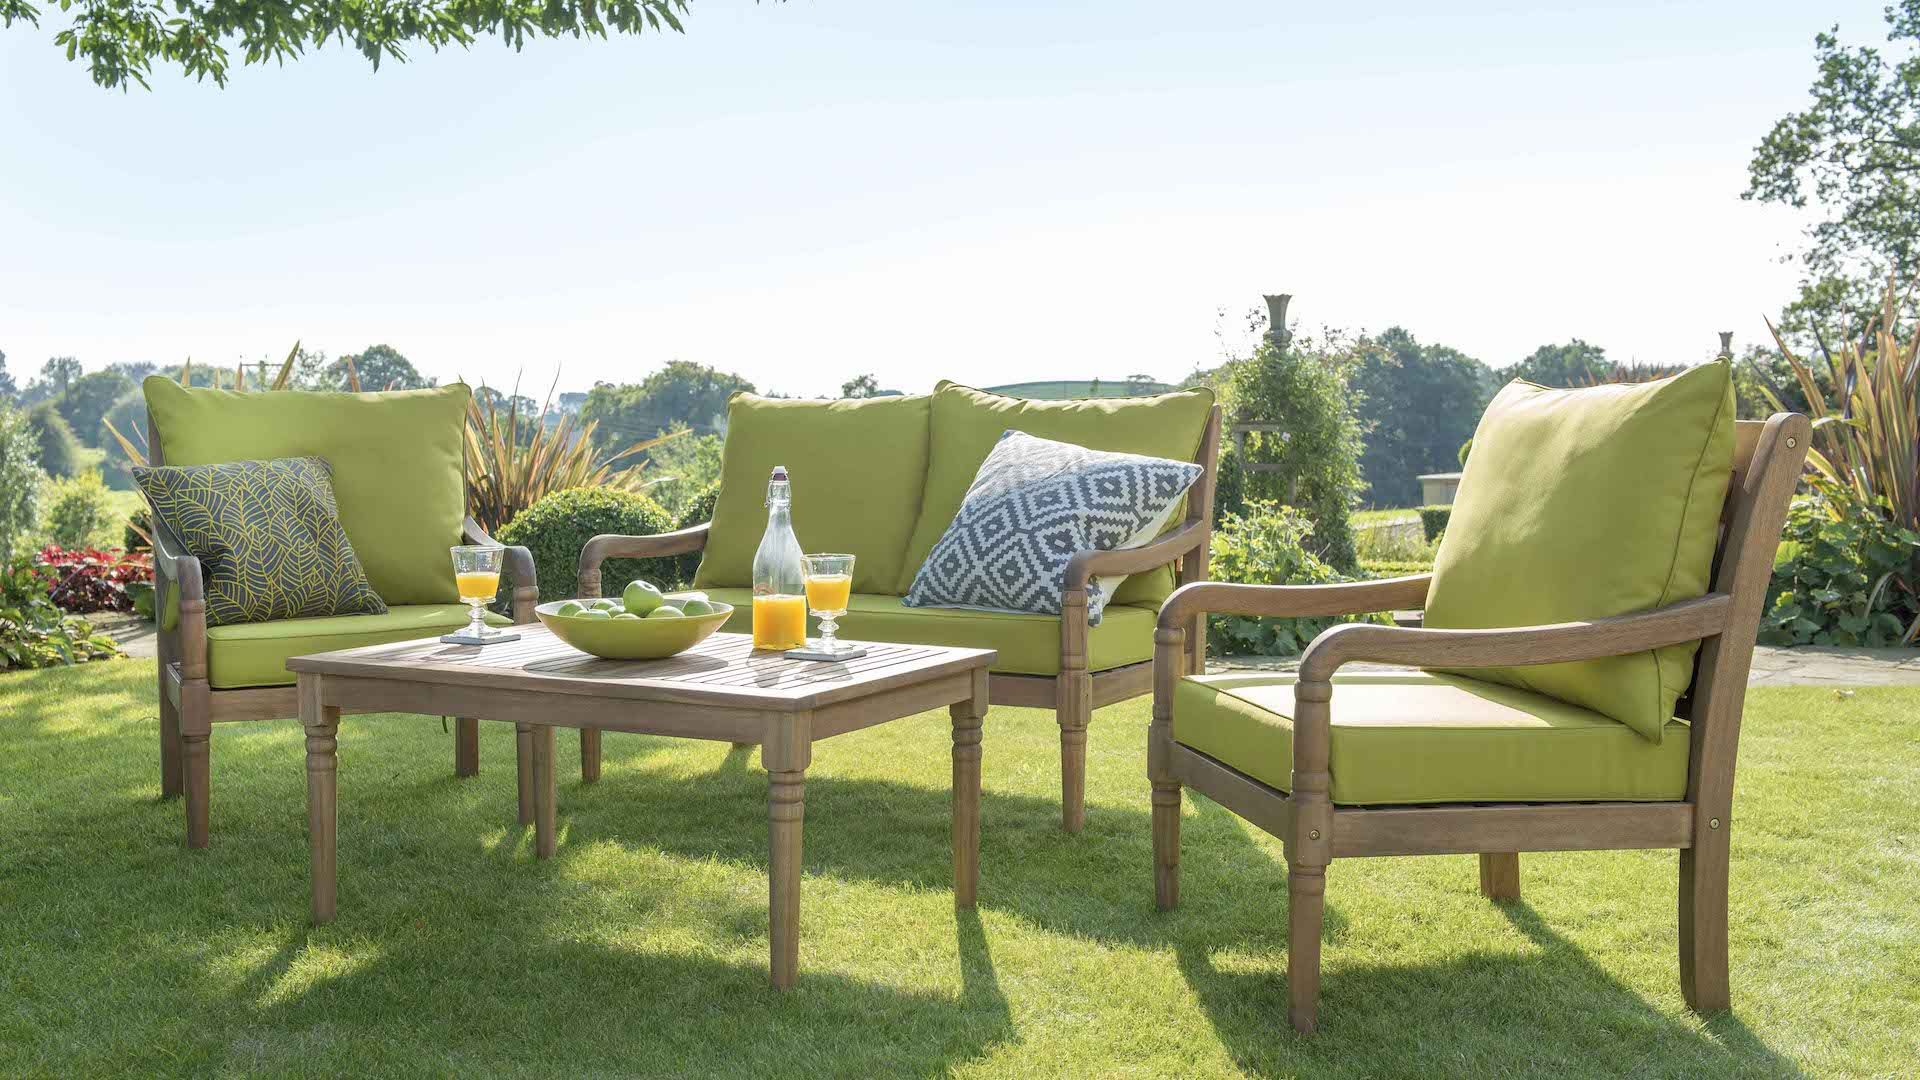 cleobury lounge set - Cleobury - Wood Garden Furniture - Hartman ...